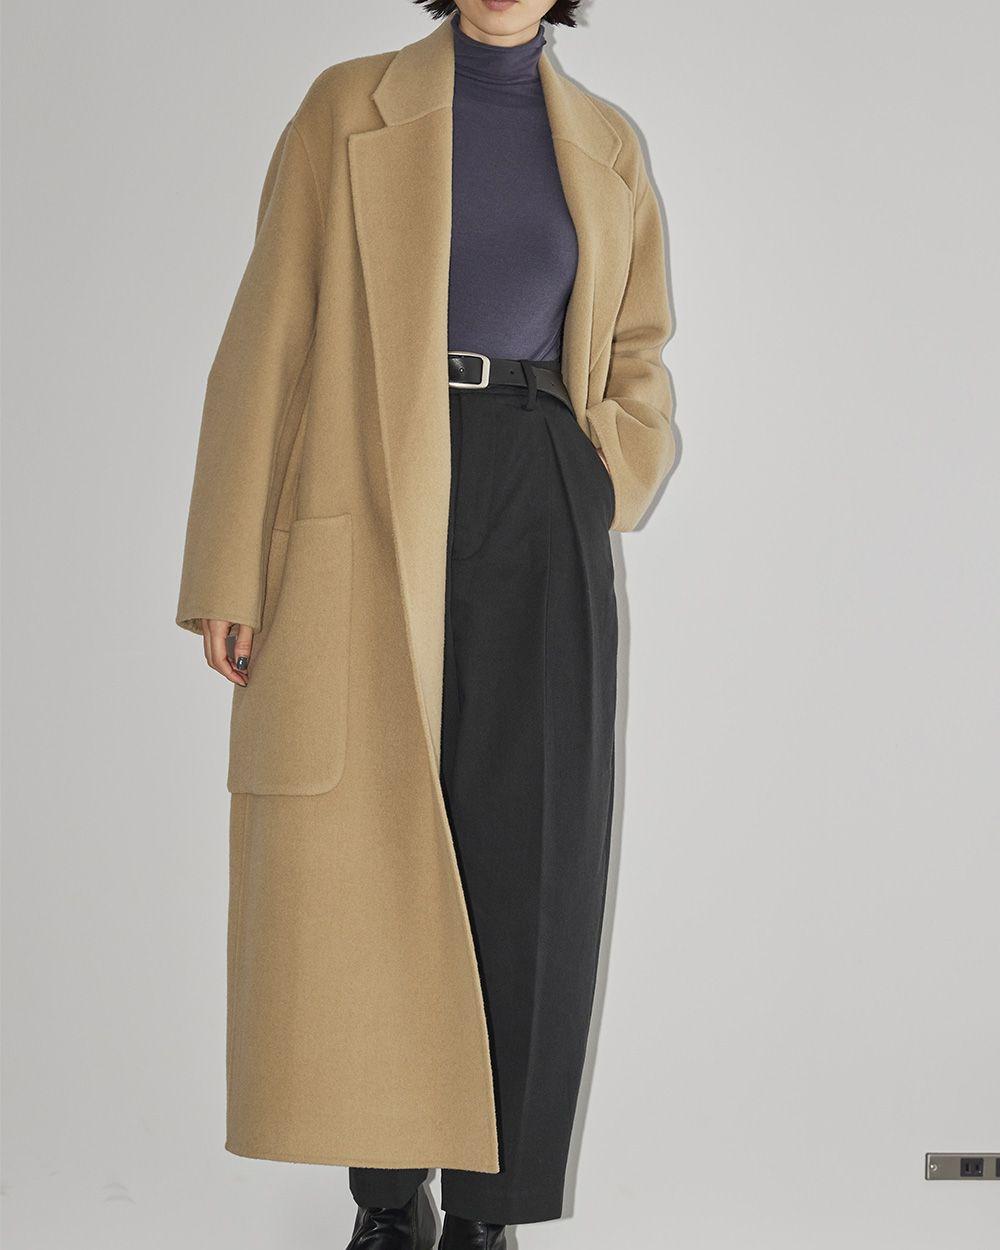 Wool Over Coat